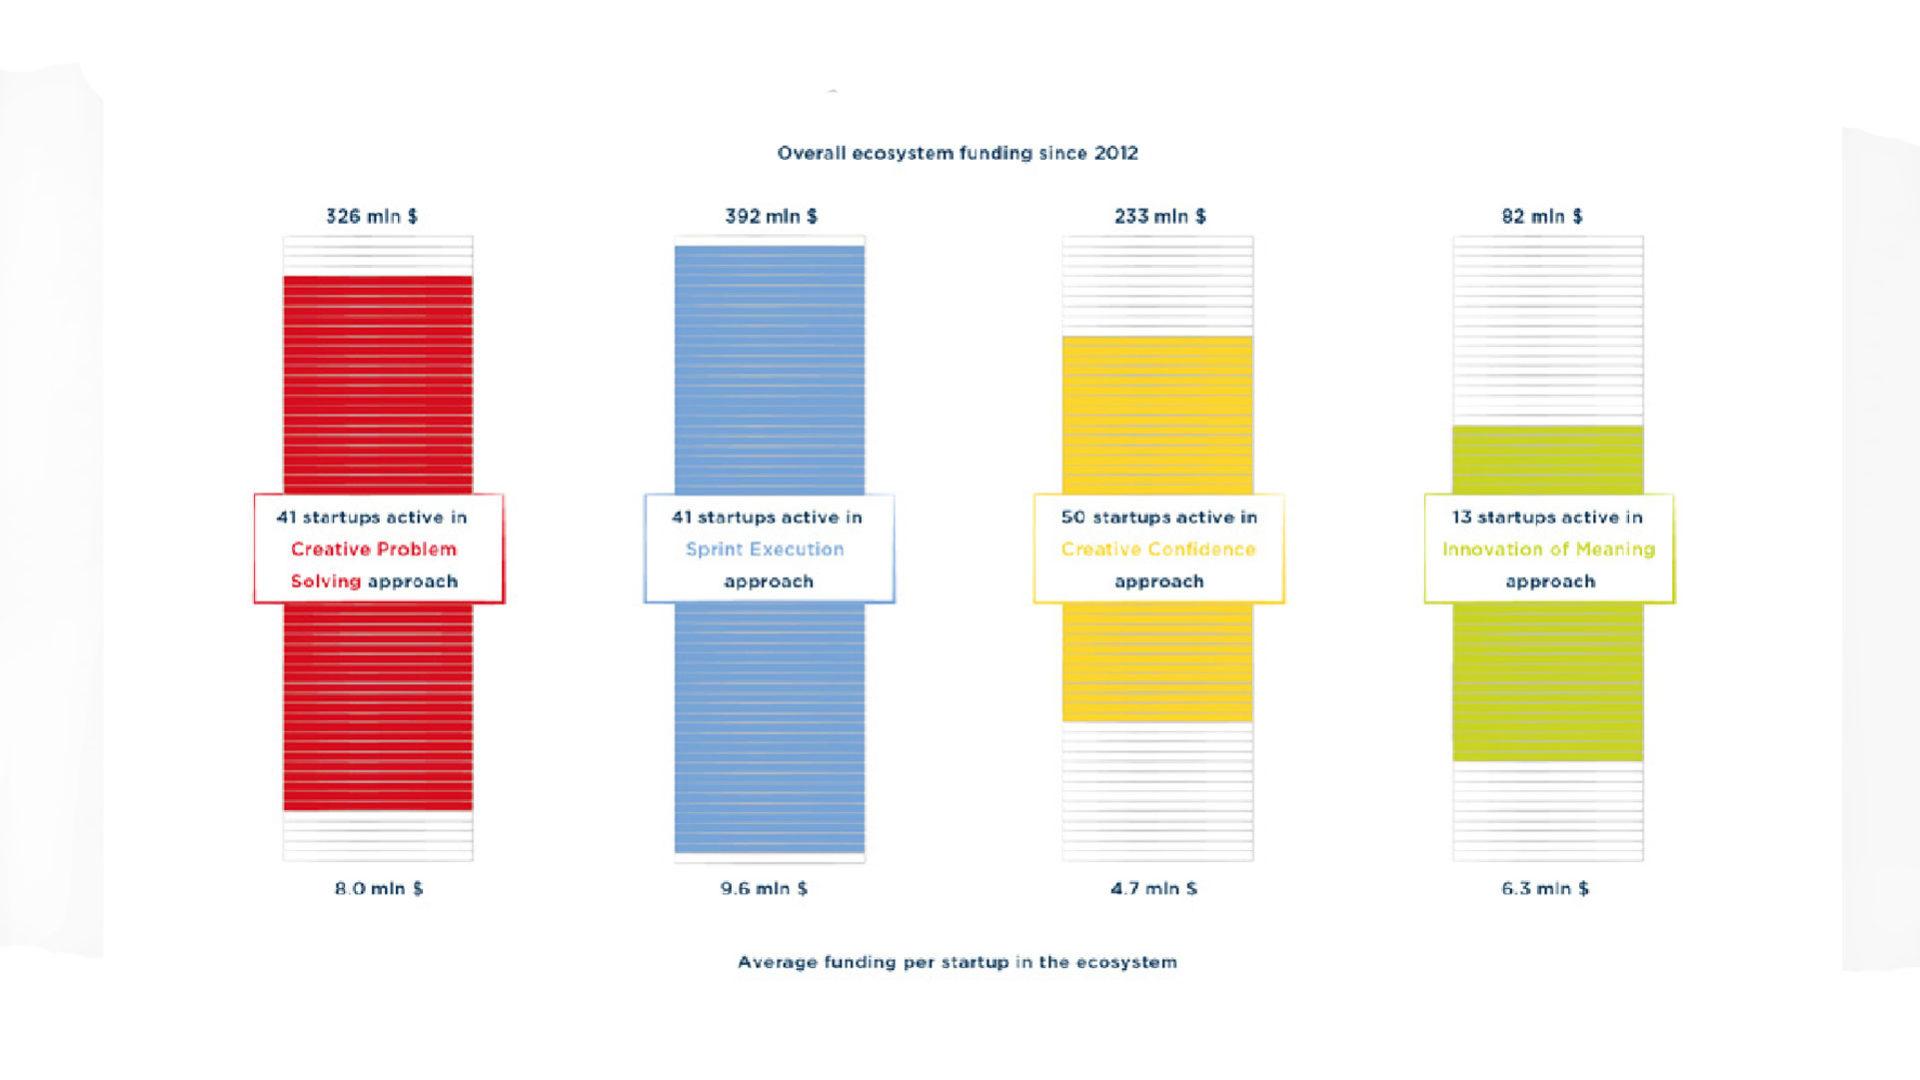 Grafico che mostra la distribuzione dei finanziamenti alle startup sulla base dei 4 diversi modelli di Design Thinking